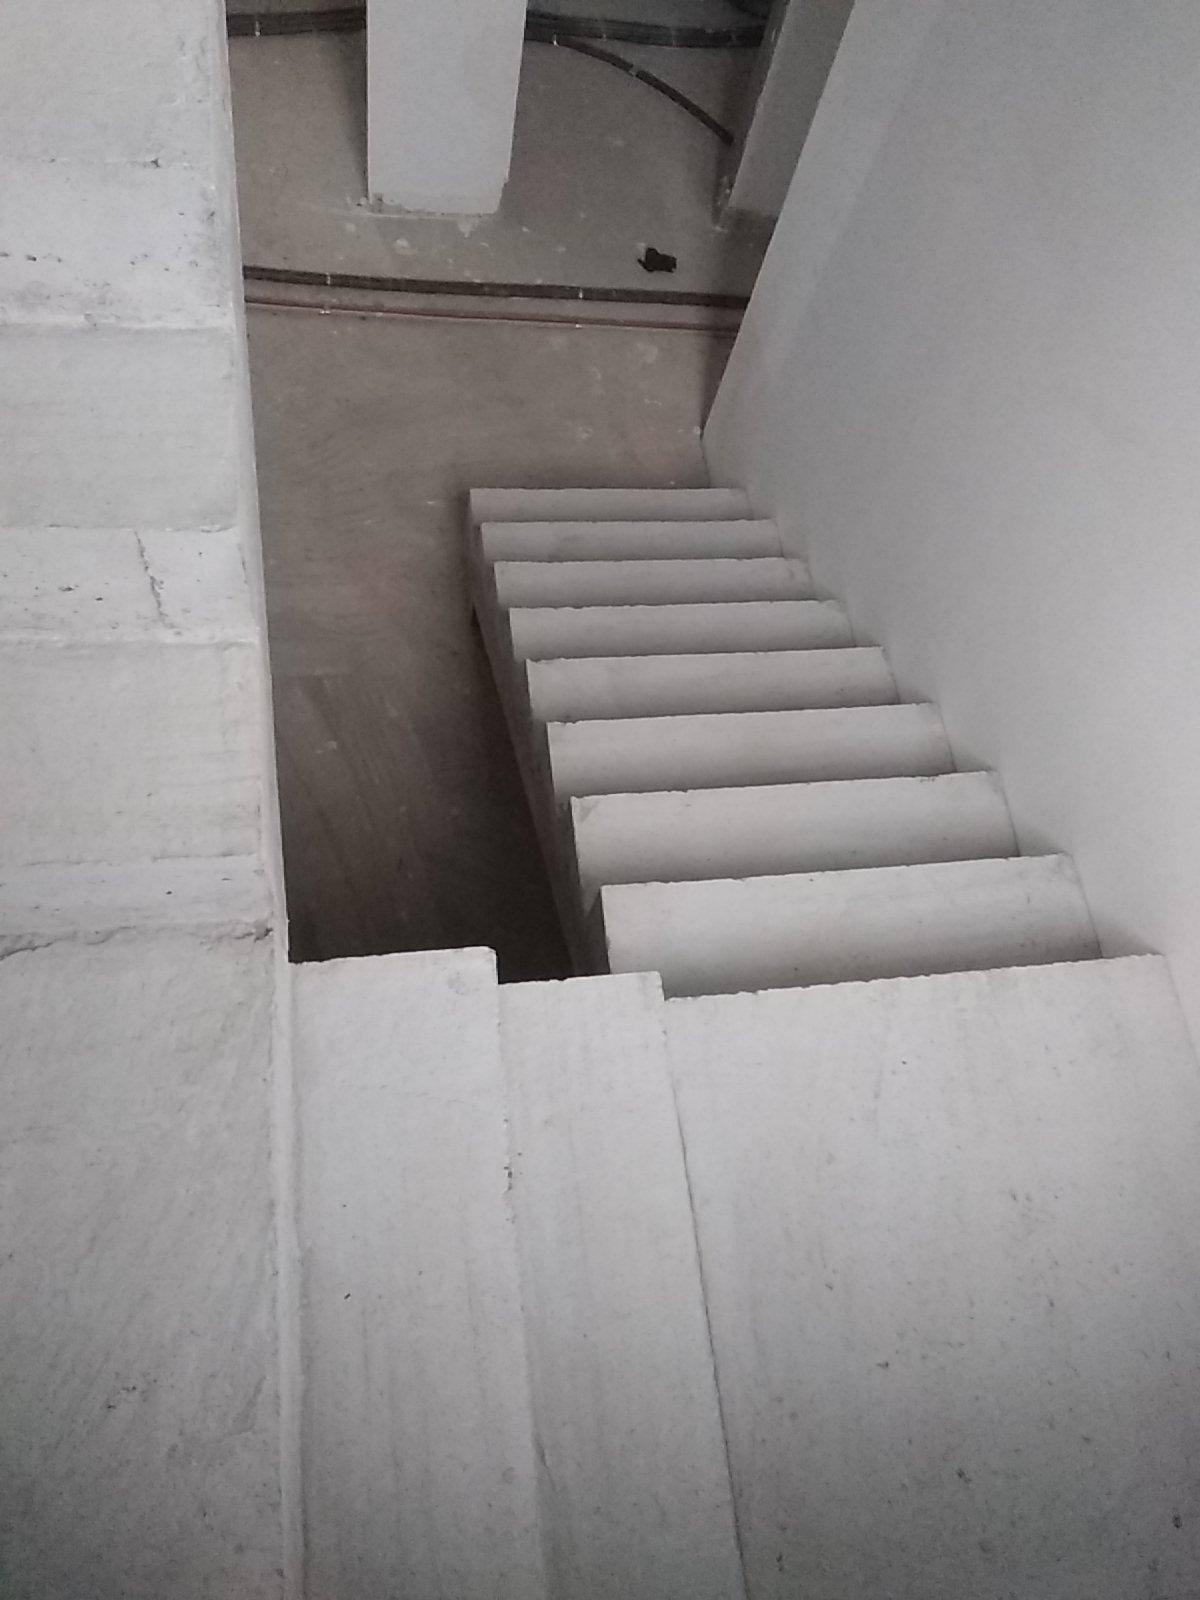 Dessus de l'escalier avec ses paliers intermédiaires